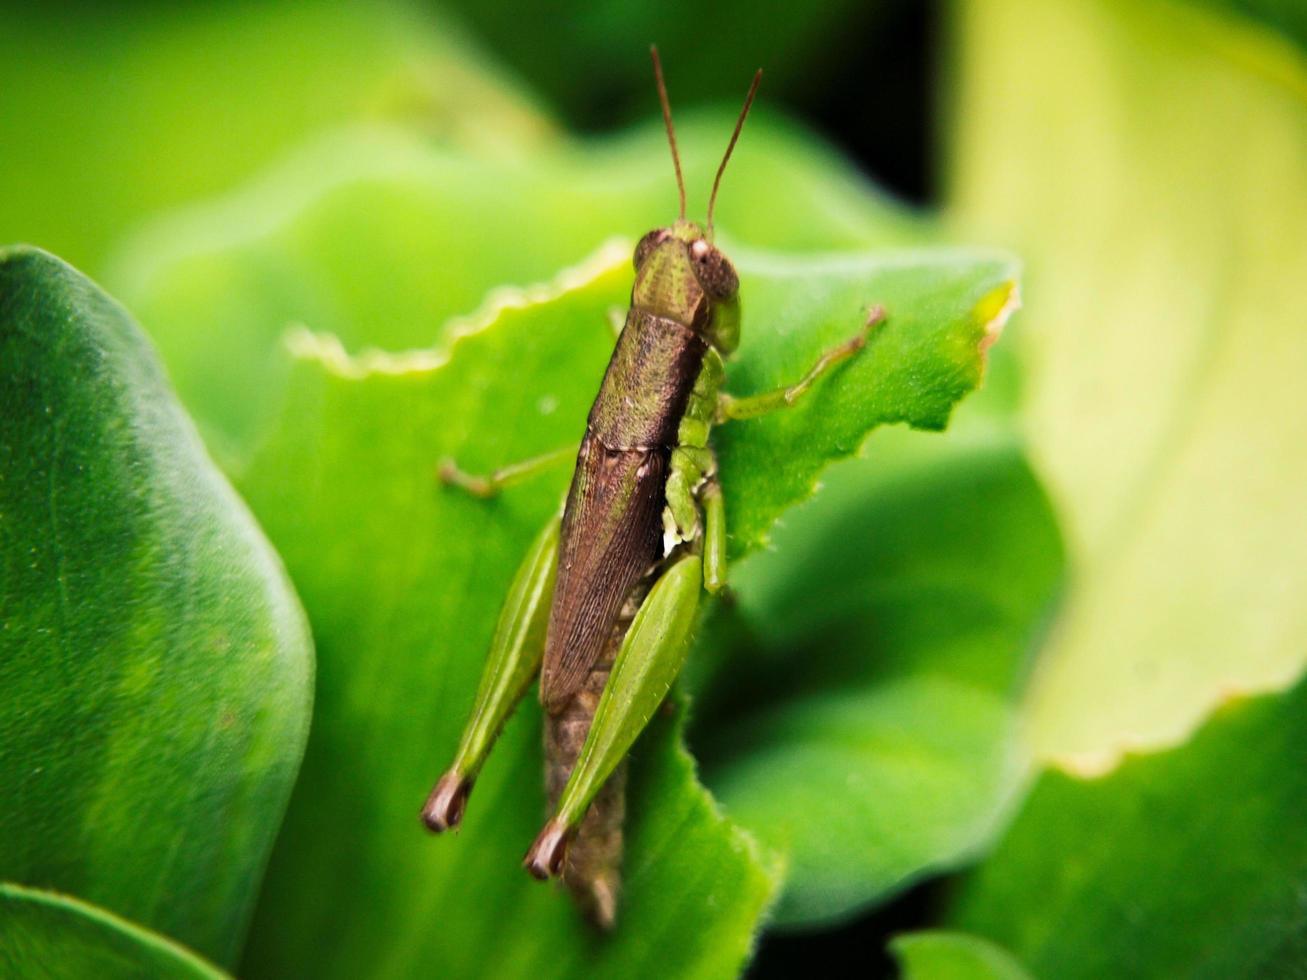 close-up van een sprinkhaan op groene achtergrond foto